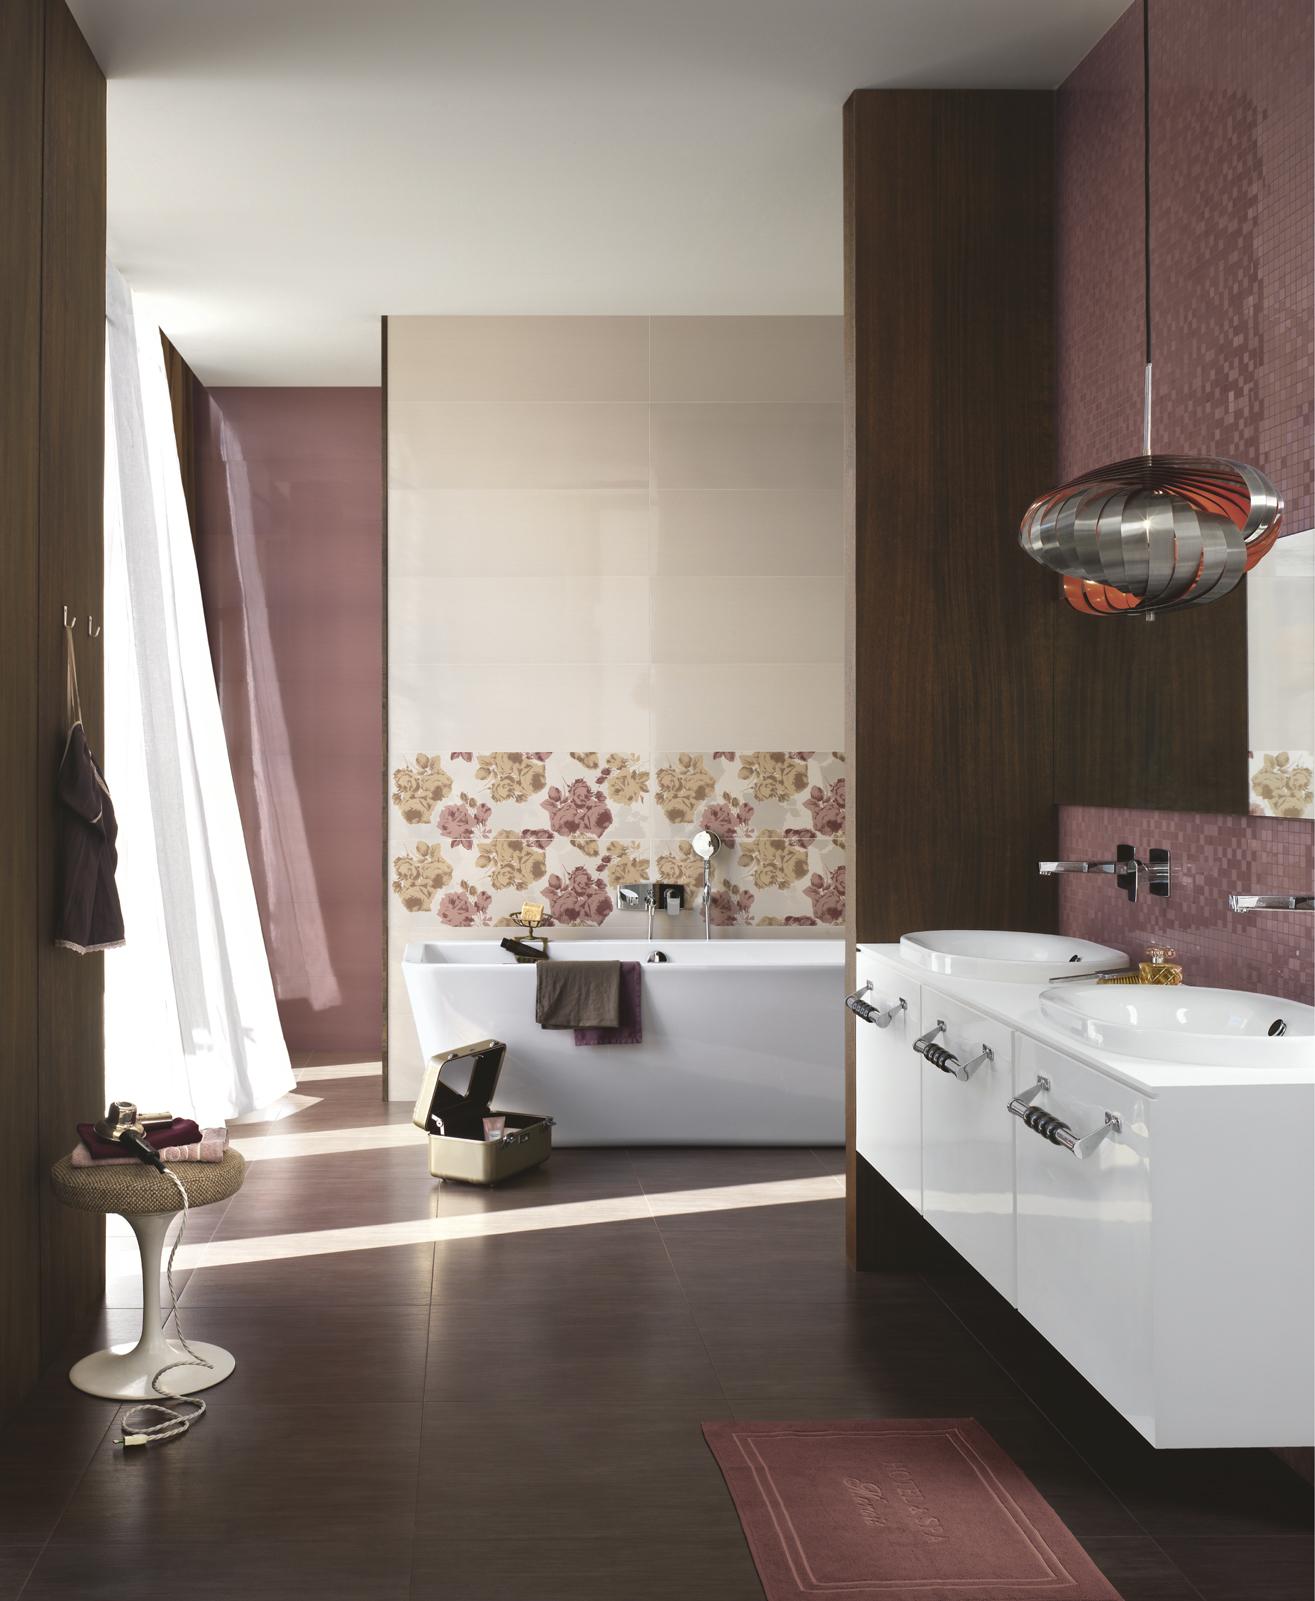 collezione still: rivestimenti lucidi per bagno | ragno - Bagni Moderni Beige E Marrone